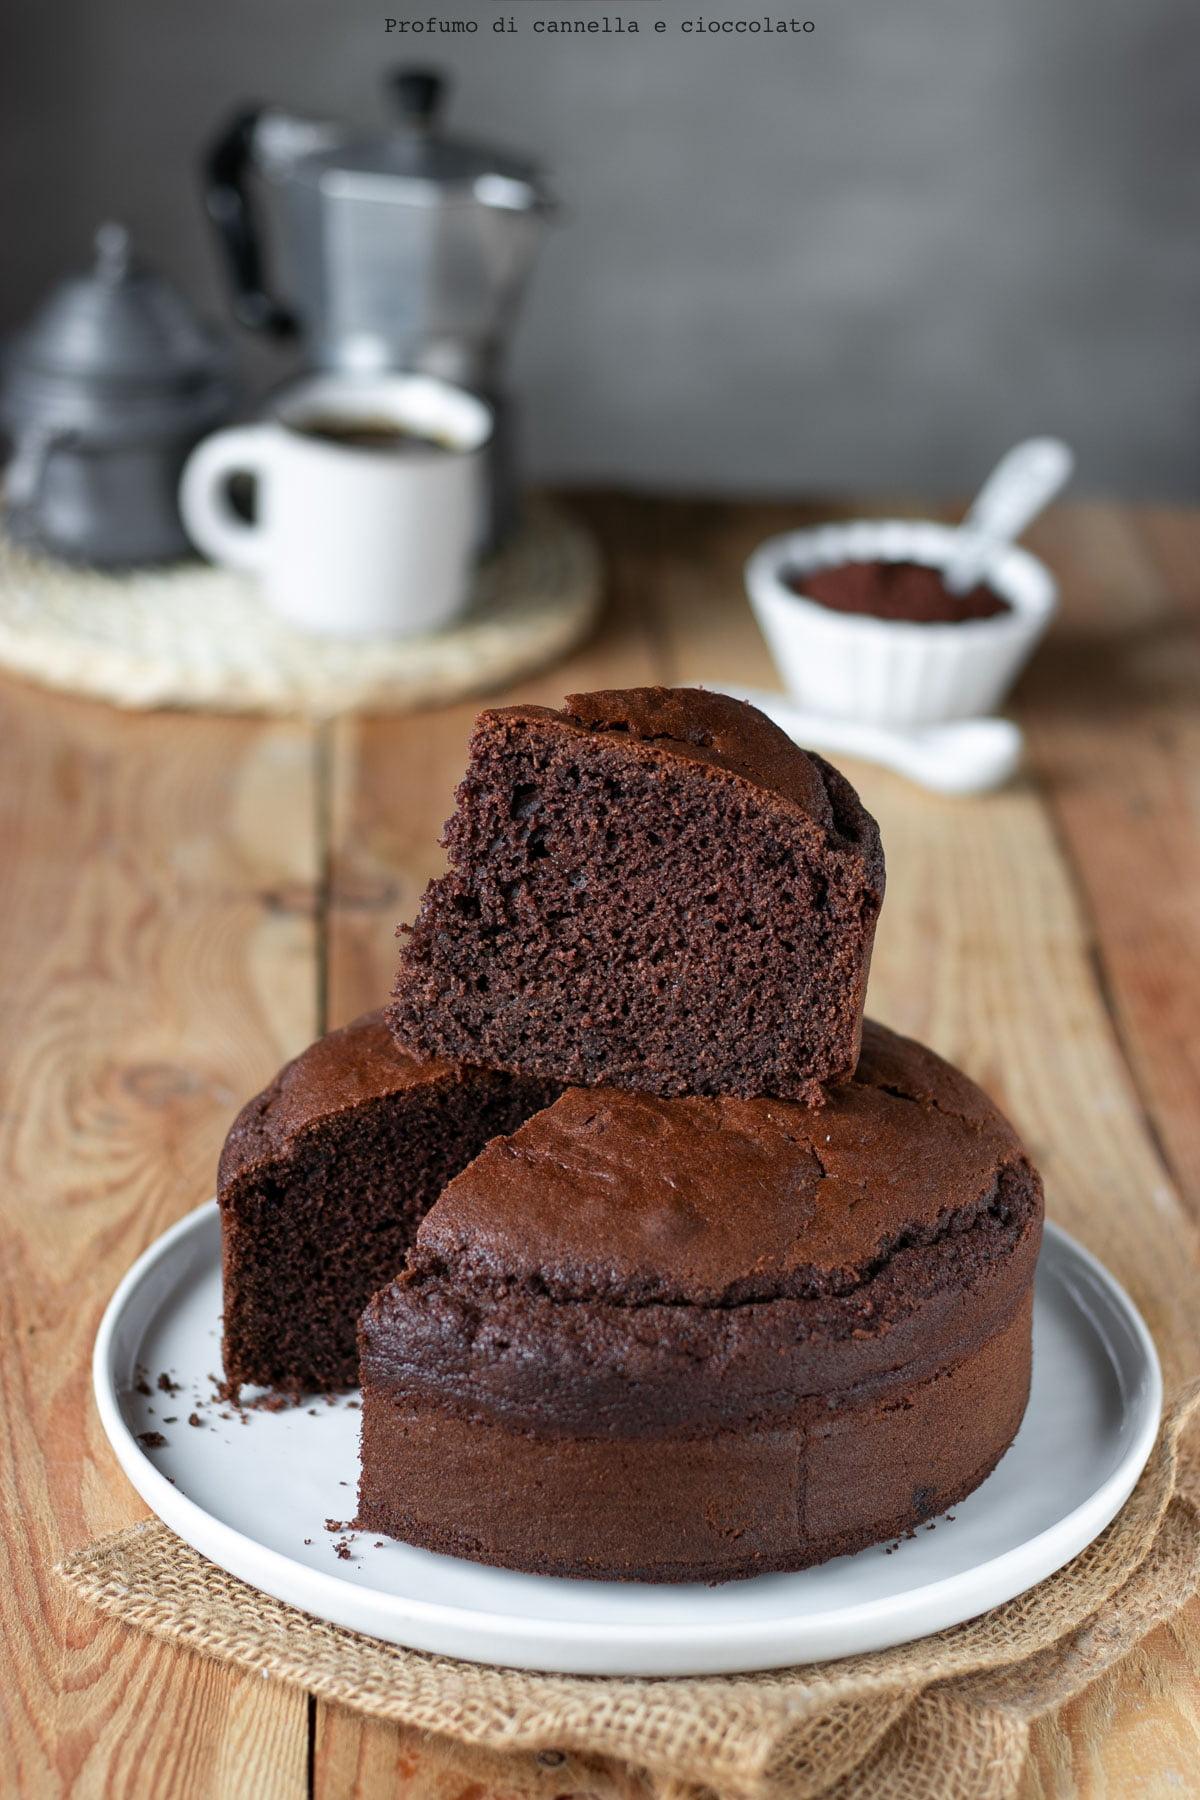 Ricette Torta Al Cioccolato Veloce.Torta Al Cacao Profumo Di Cannella E Cioccolato